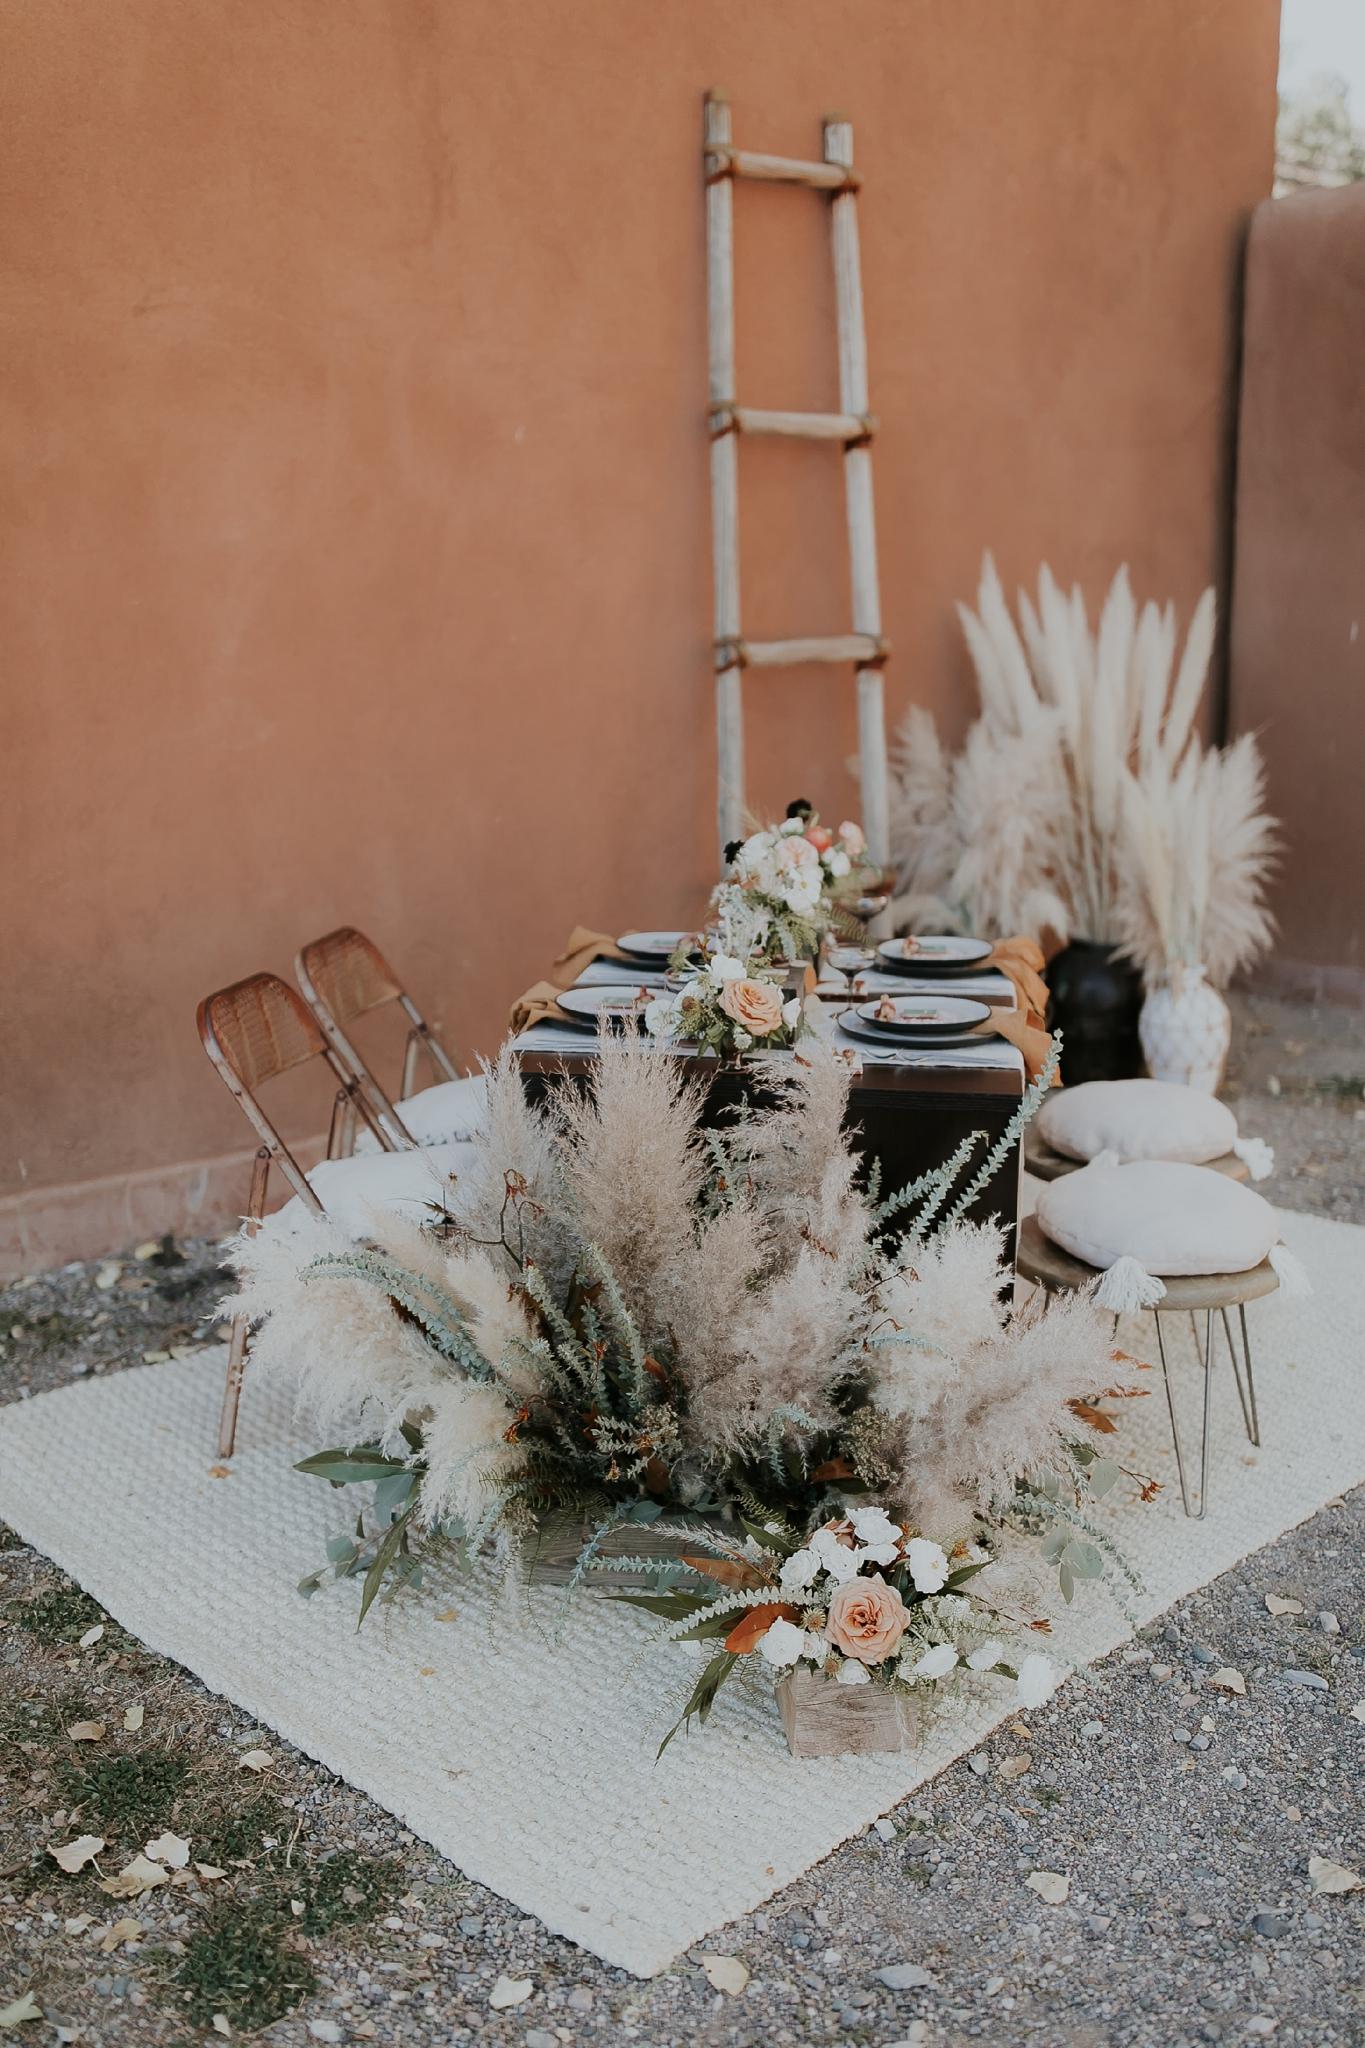 Alicia+lucia+photography+-+albuquerque+wedding+photographer+-+santa+fe+wedding+photography+-+new+mexico+wedding+photographer+-+new+mexico+wedding+-+new+mexico+wedding+-+wedding+florals+-+desert+wedding+-+wedding+trends_0052.jpg